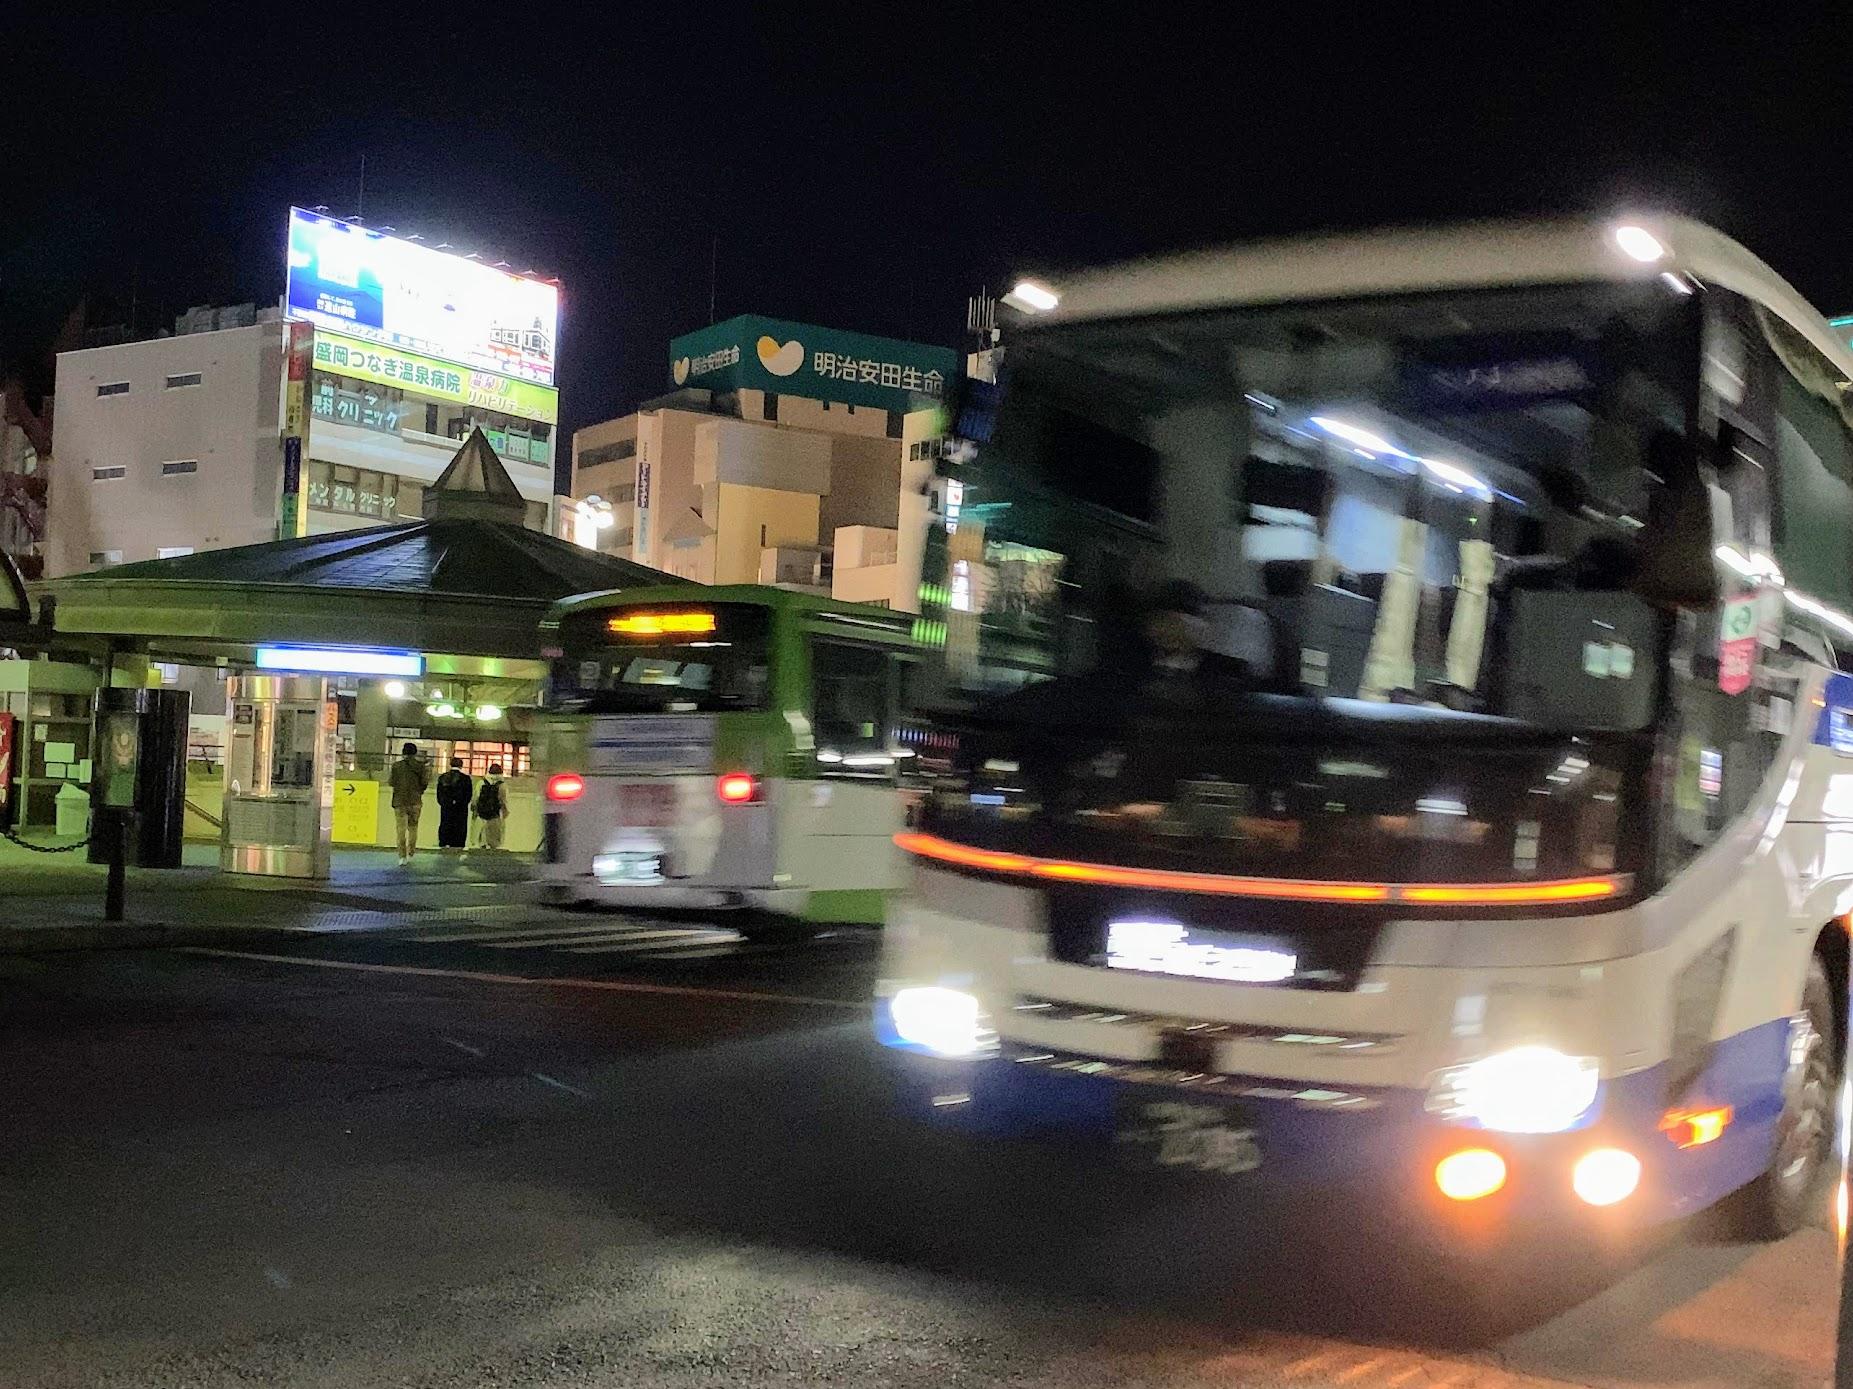 新・ドリーム盛岡4号に乗ってきました(盛岡発東京行夜行バス)